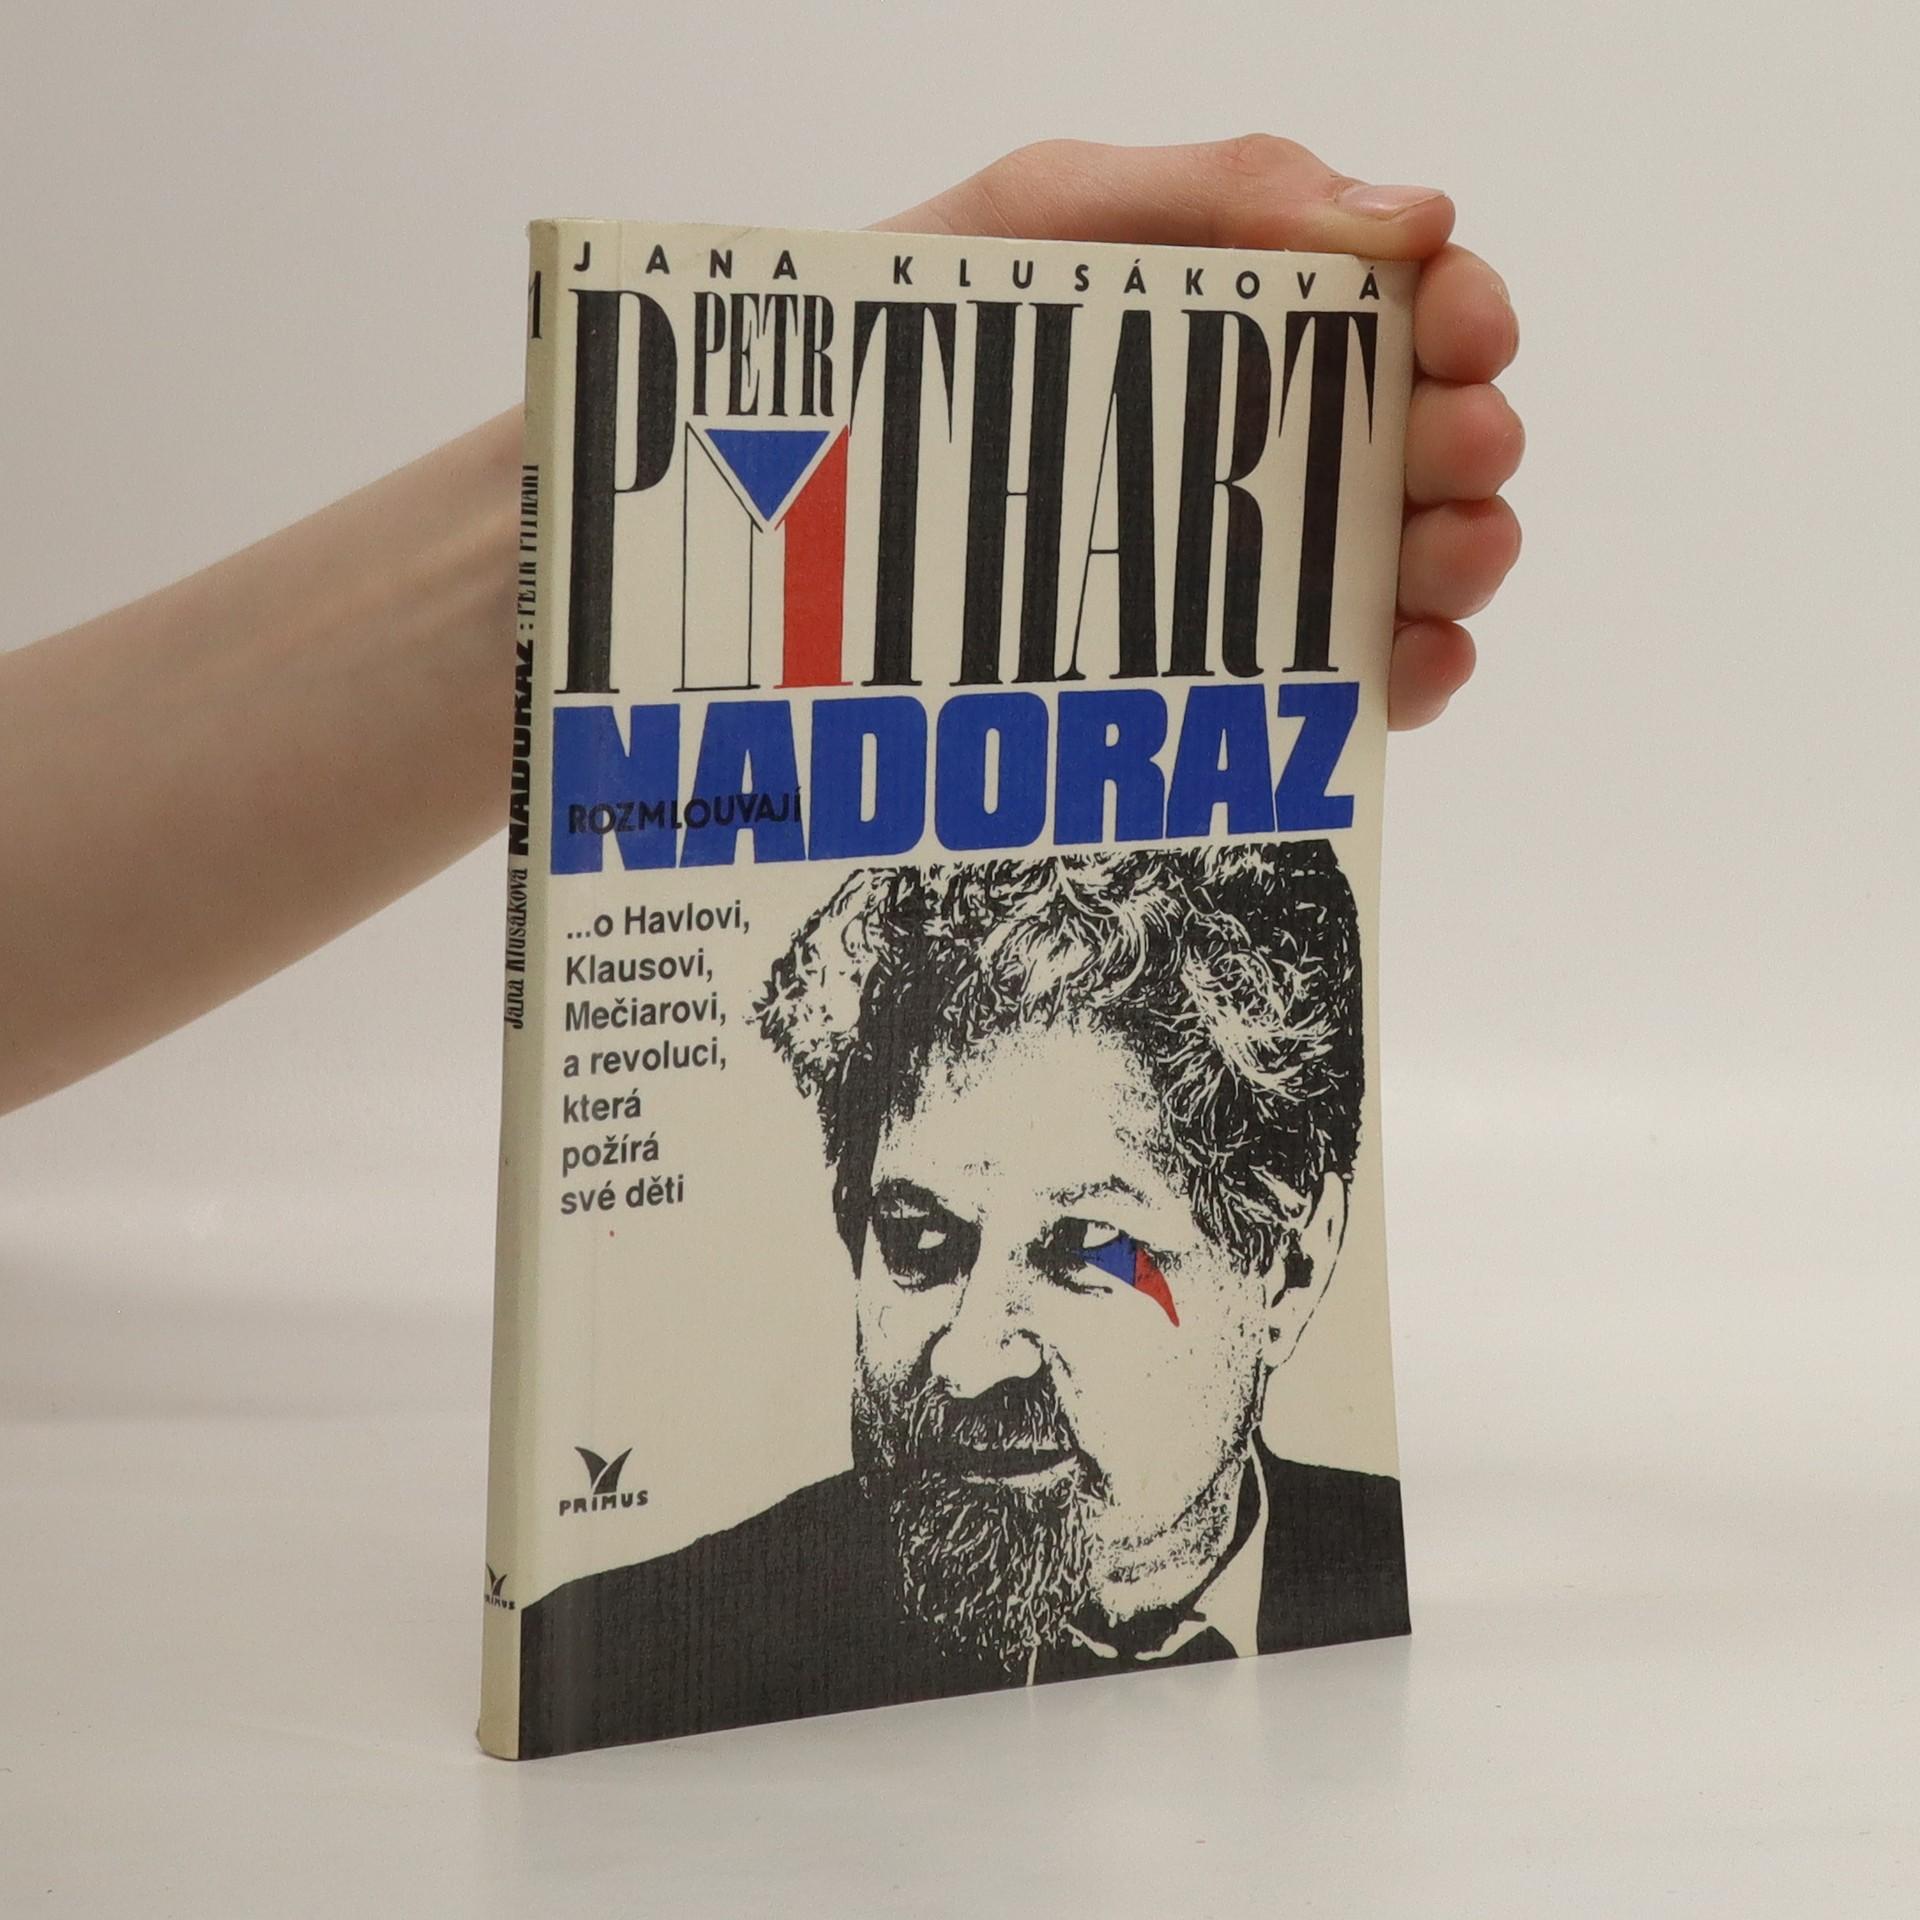 antikvární kniha Jana Klusáková a Petr Pithart rozmlouvají nadoraz, 1992